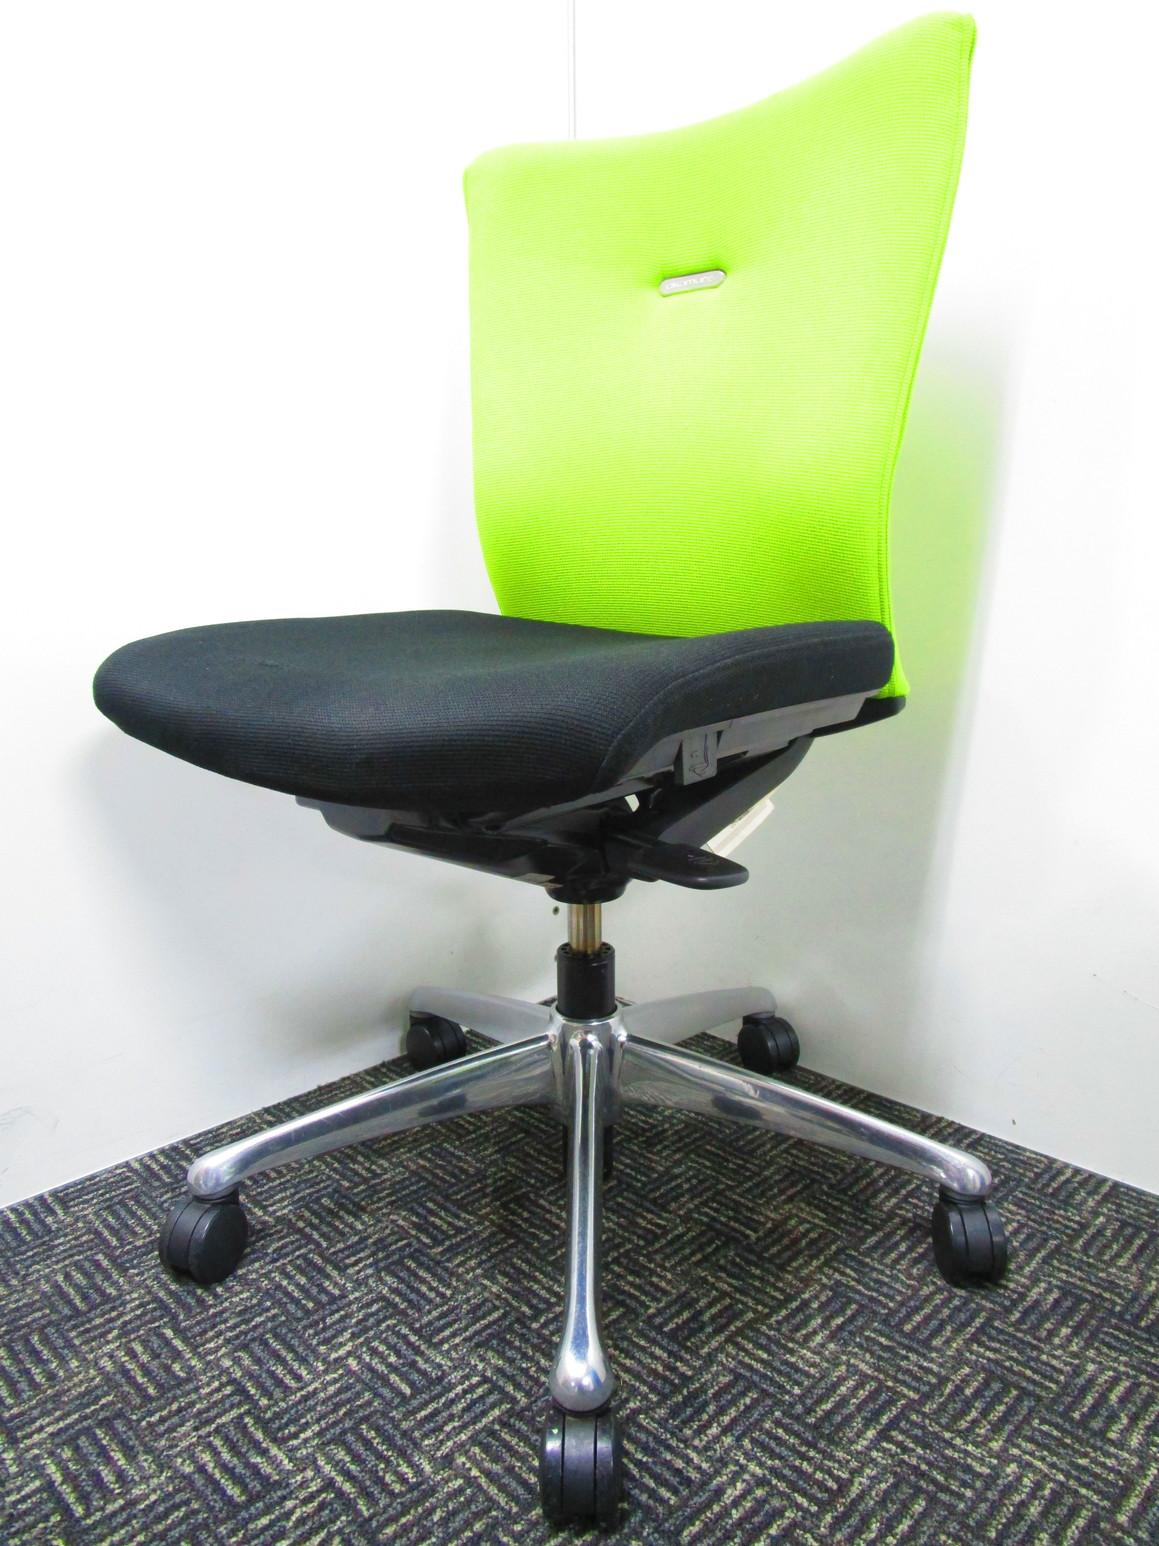 【おつとめ品】オカムラ定番のフィーゴチェア!リクライニング不良の為、お安くご提供!快適な座り心地を徹底追及された設計で長時間のデスクワークも【A00557597】